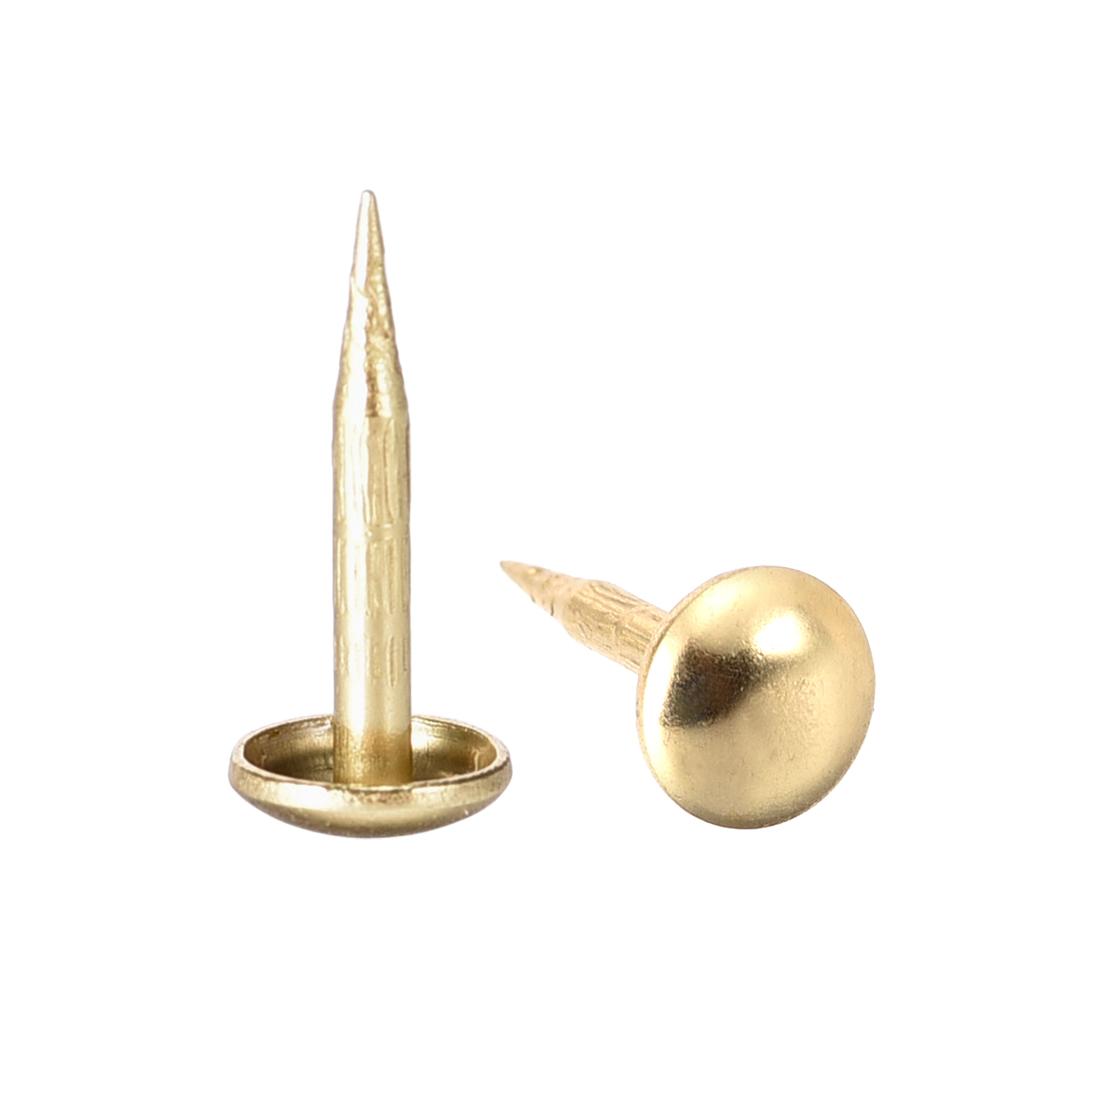 Upholstery Nails Tacks 6mm Dia 13mm Height Round Thumb Pins Gold Tone 50 Pcs